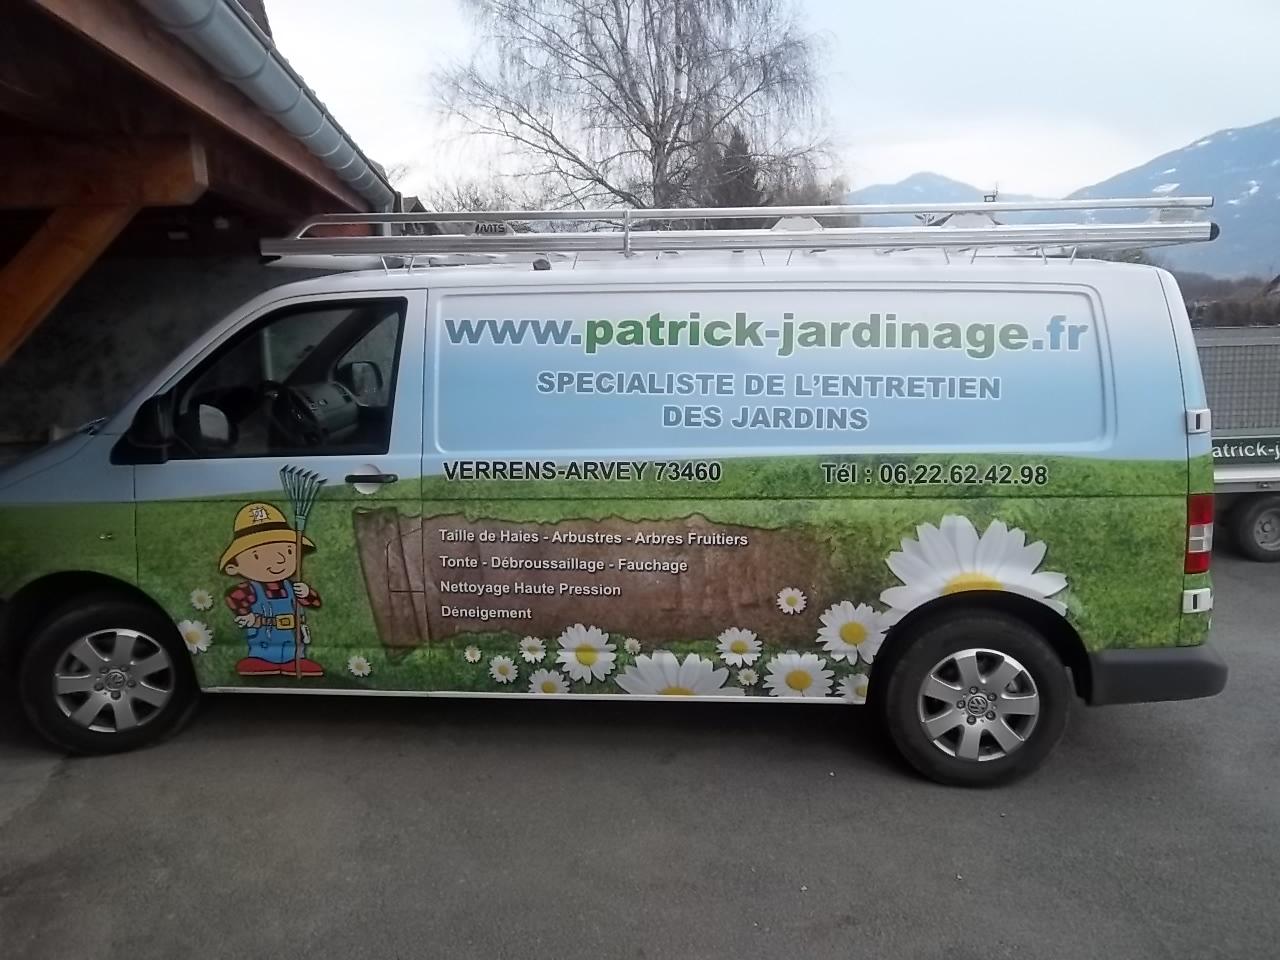 Accueil patrick jardinage paysagiste jardinier sur for Cherche personne pour entretien jardin